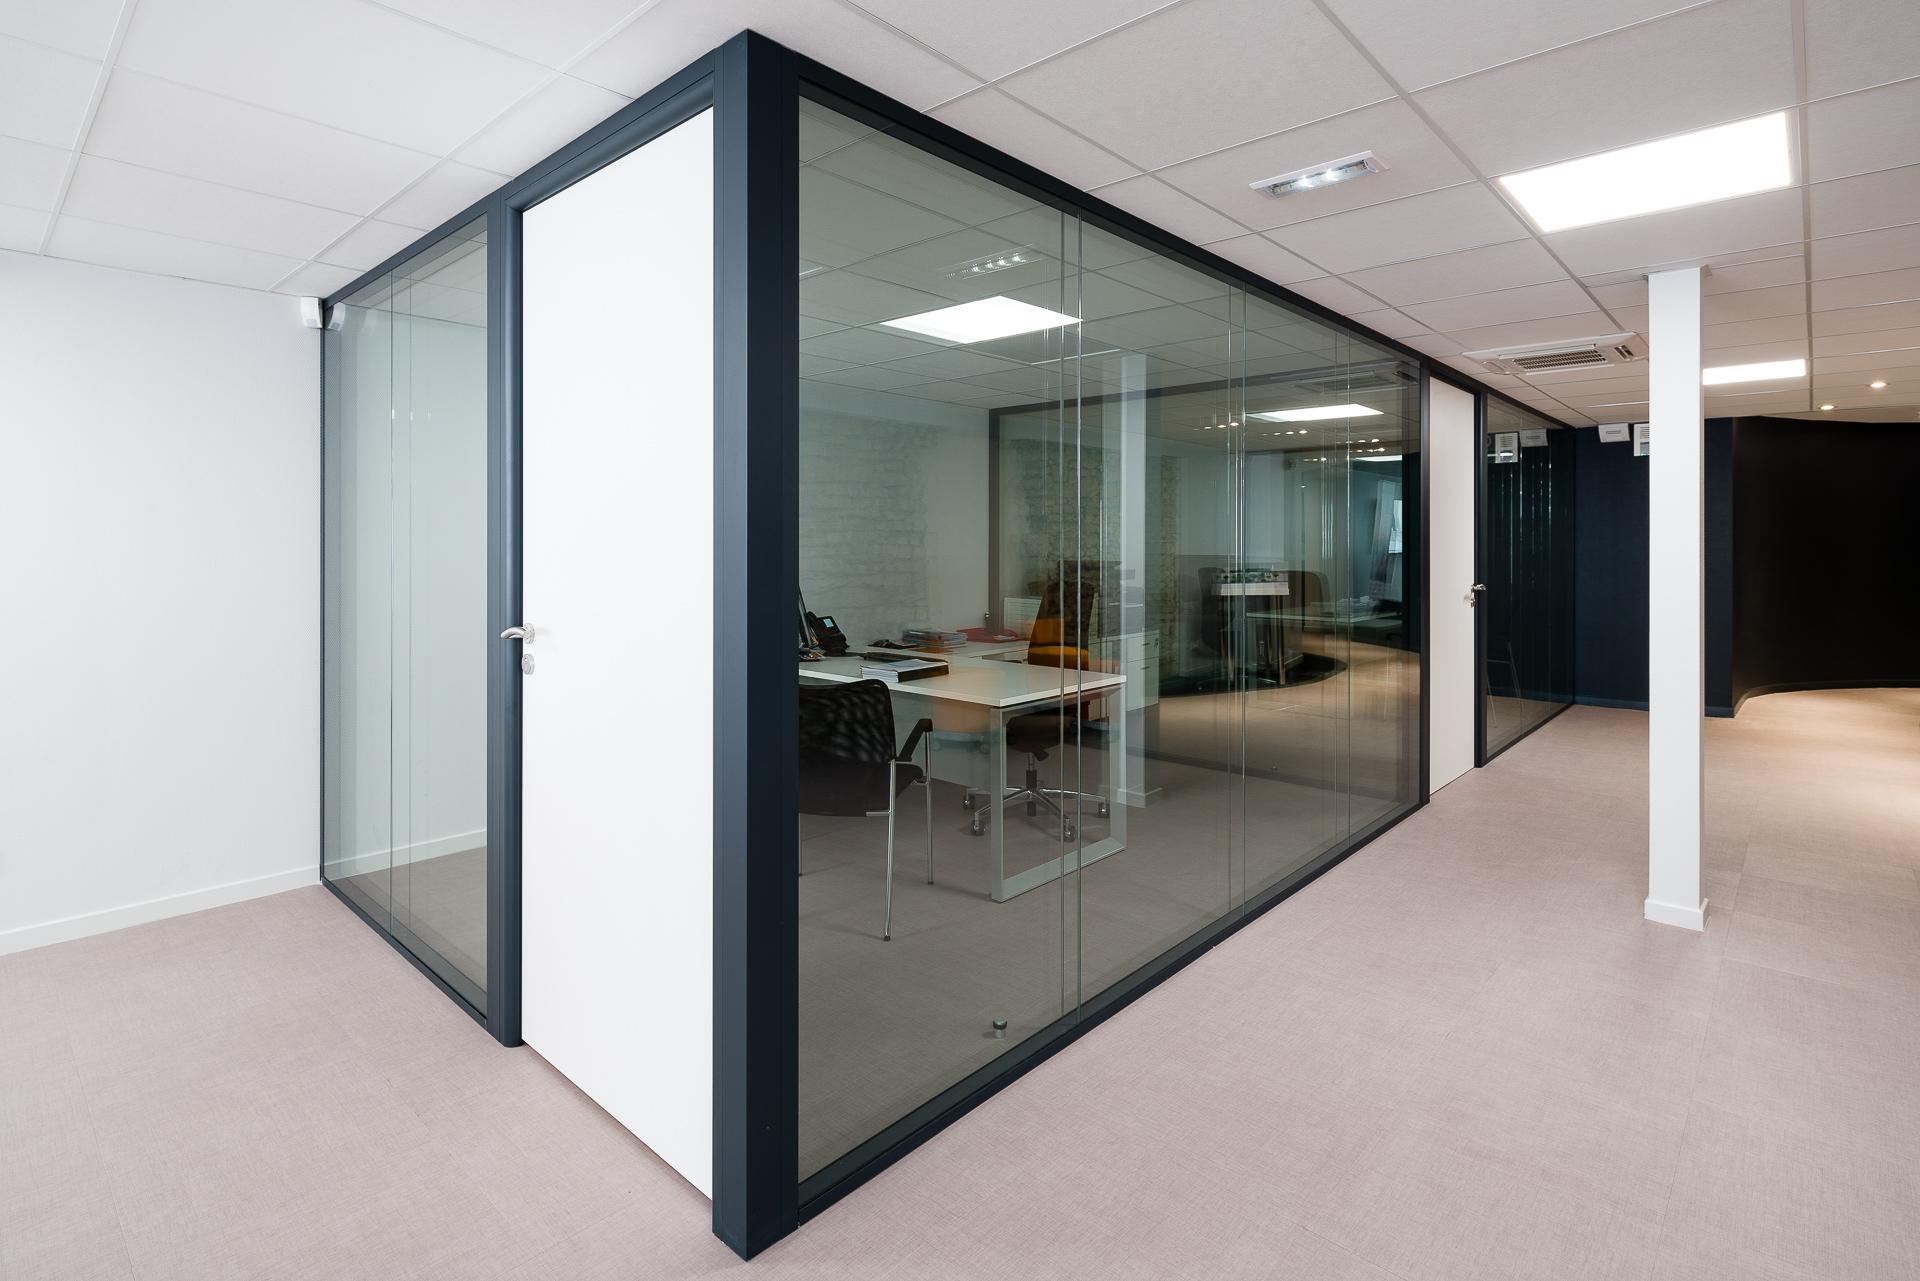 Cloison amovible vitrée de bureau open space isolation phonique